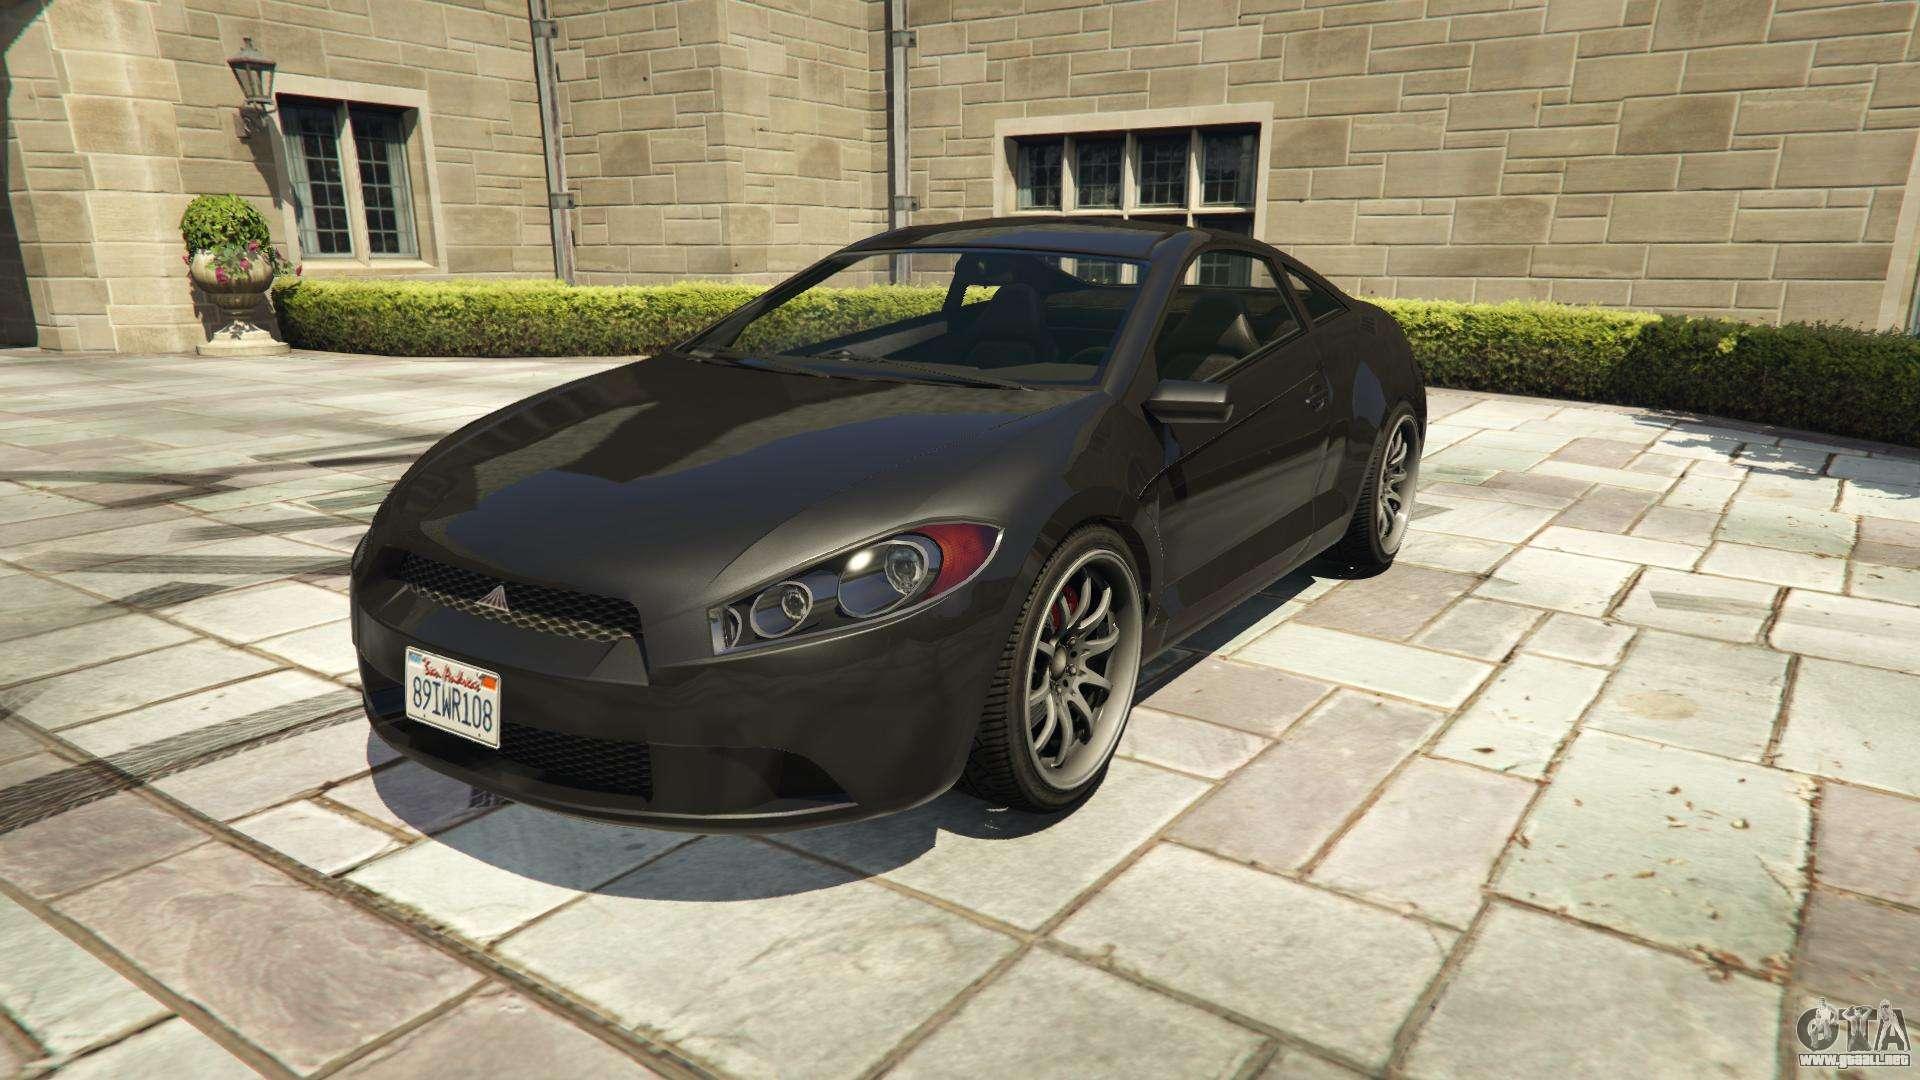 Maibatsu Penumbra GTA 5 - vista frontal